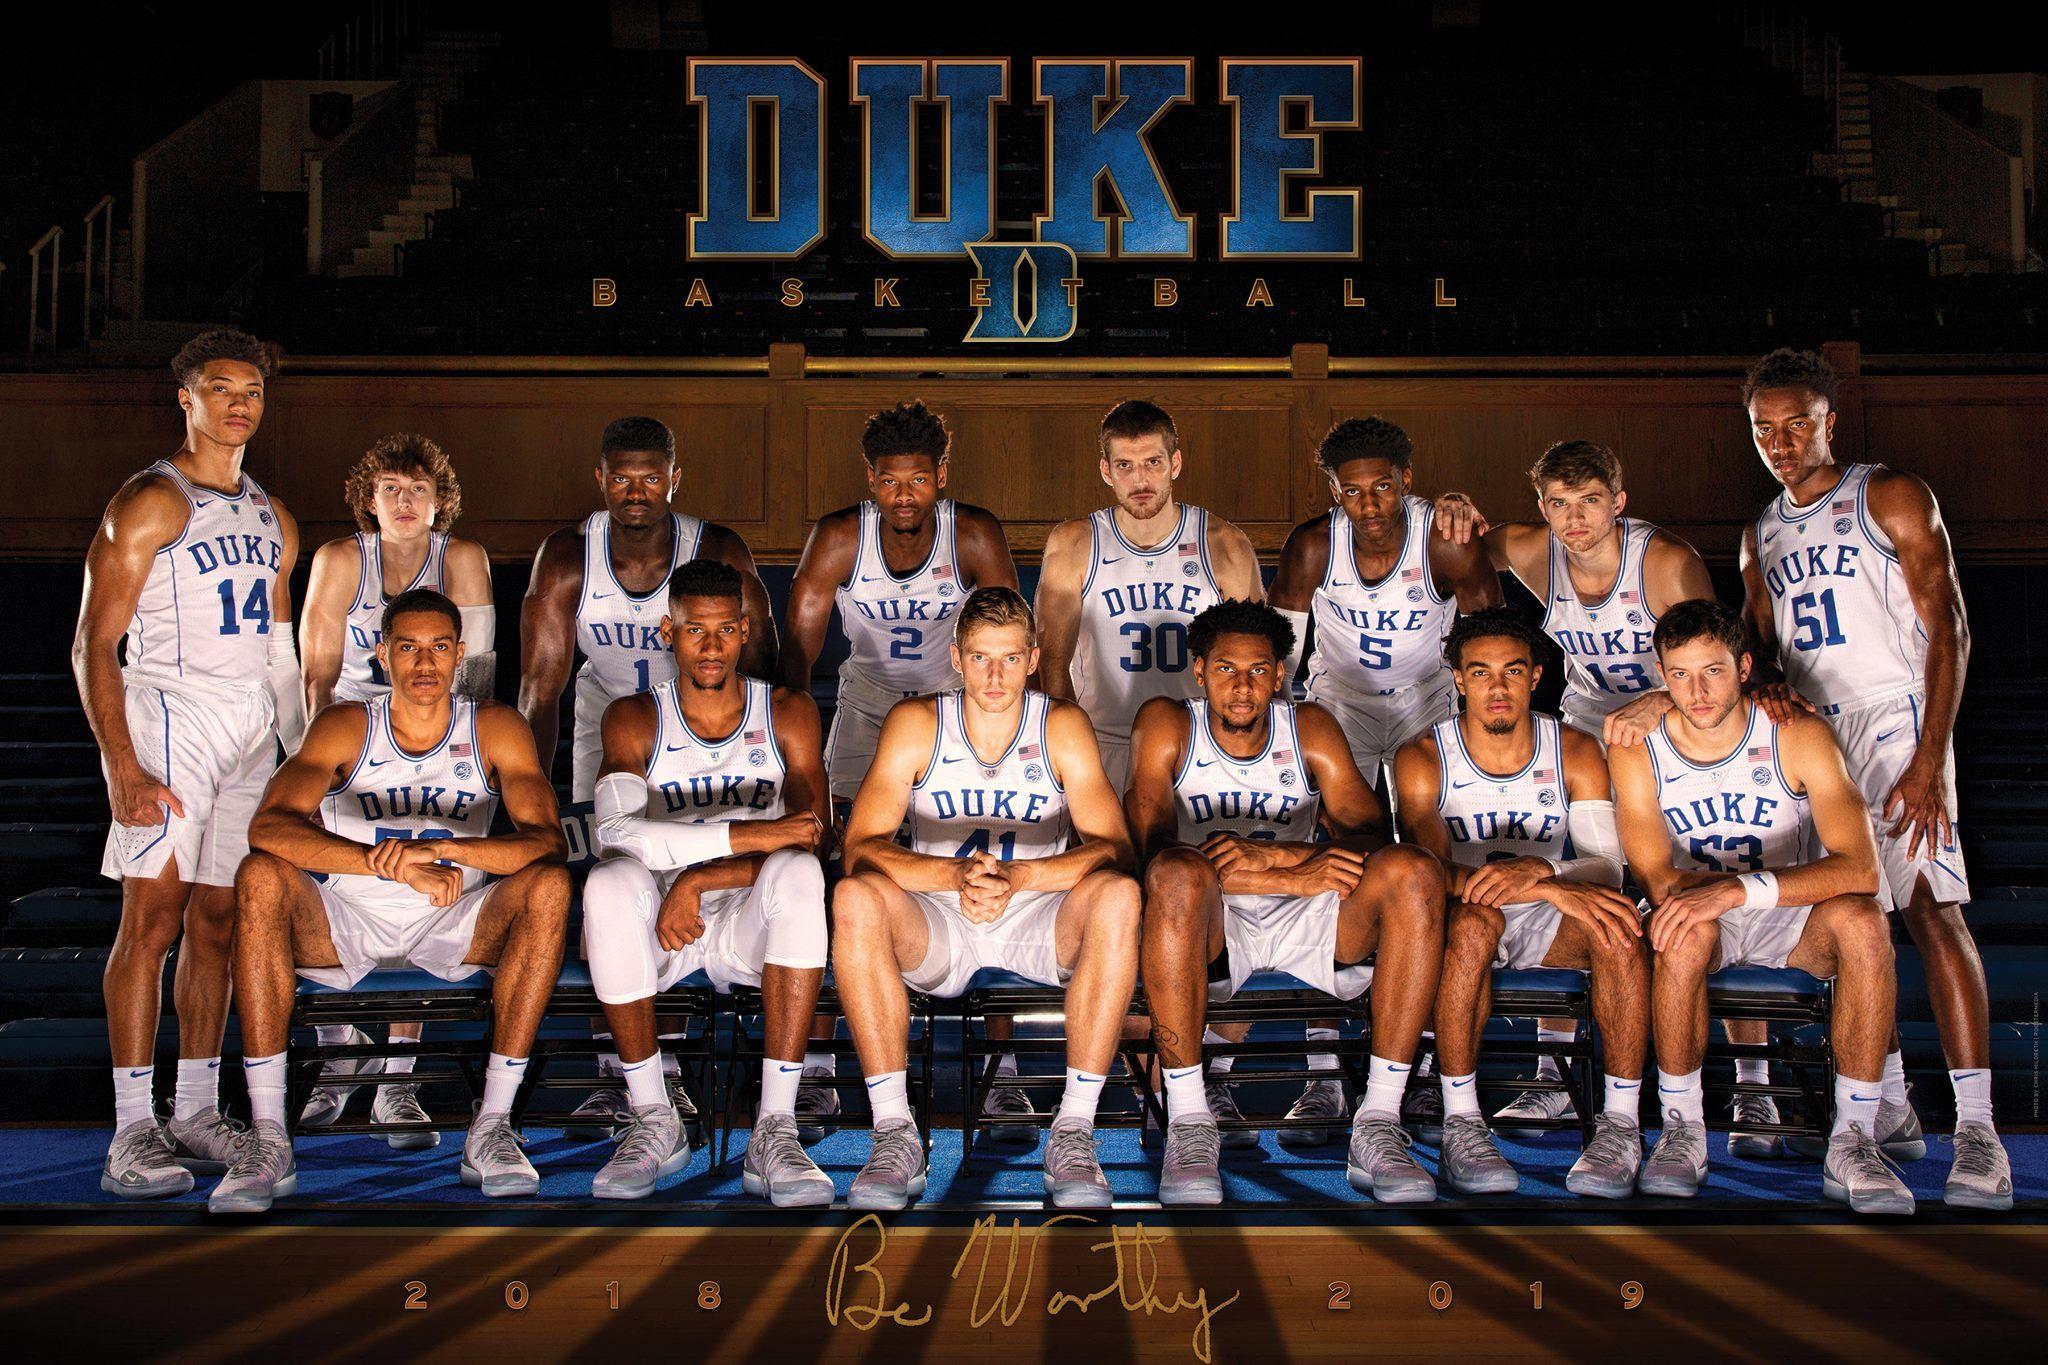 2018 2019 Duke Basketball Players Duke Blue Devils Basketball Duke Basketball